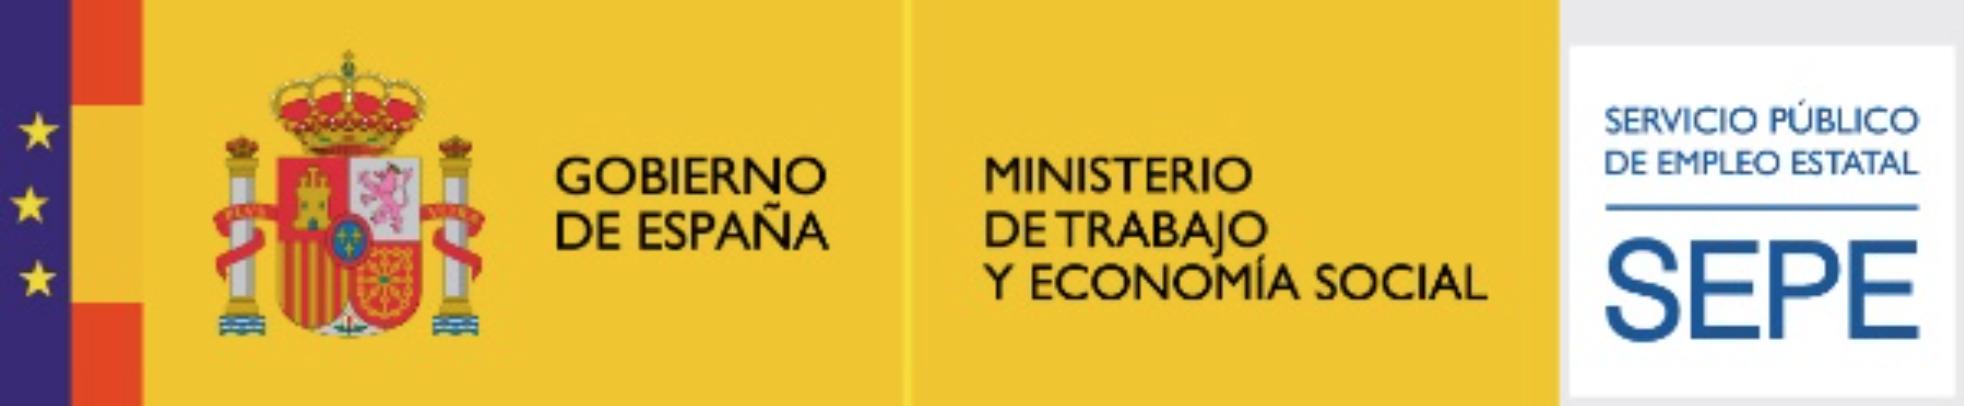 Certificaciones De Profesionalidad Inem Centro Formacion Profesional Juan Xxiii